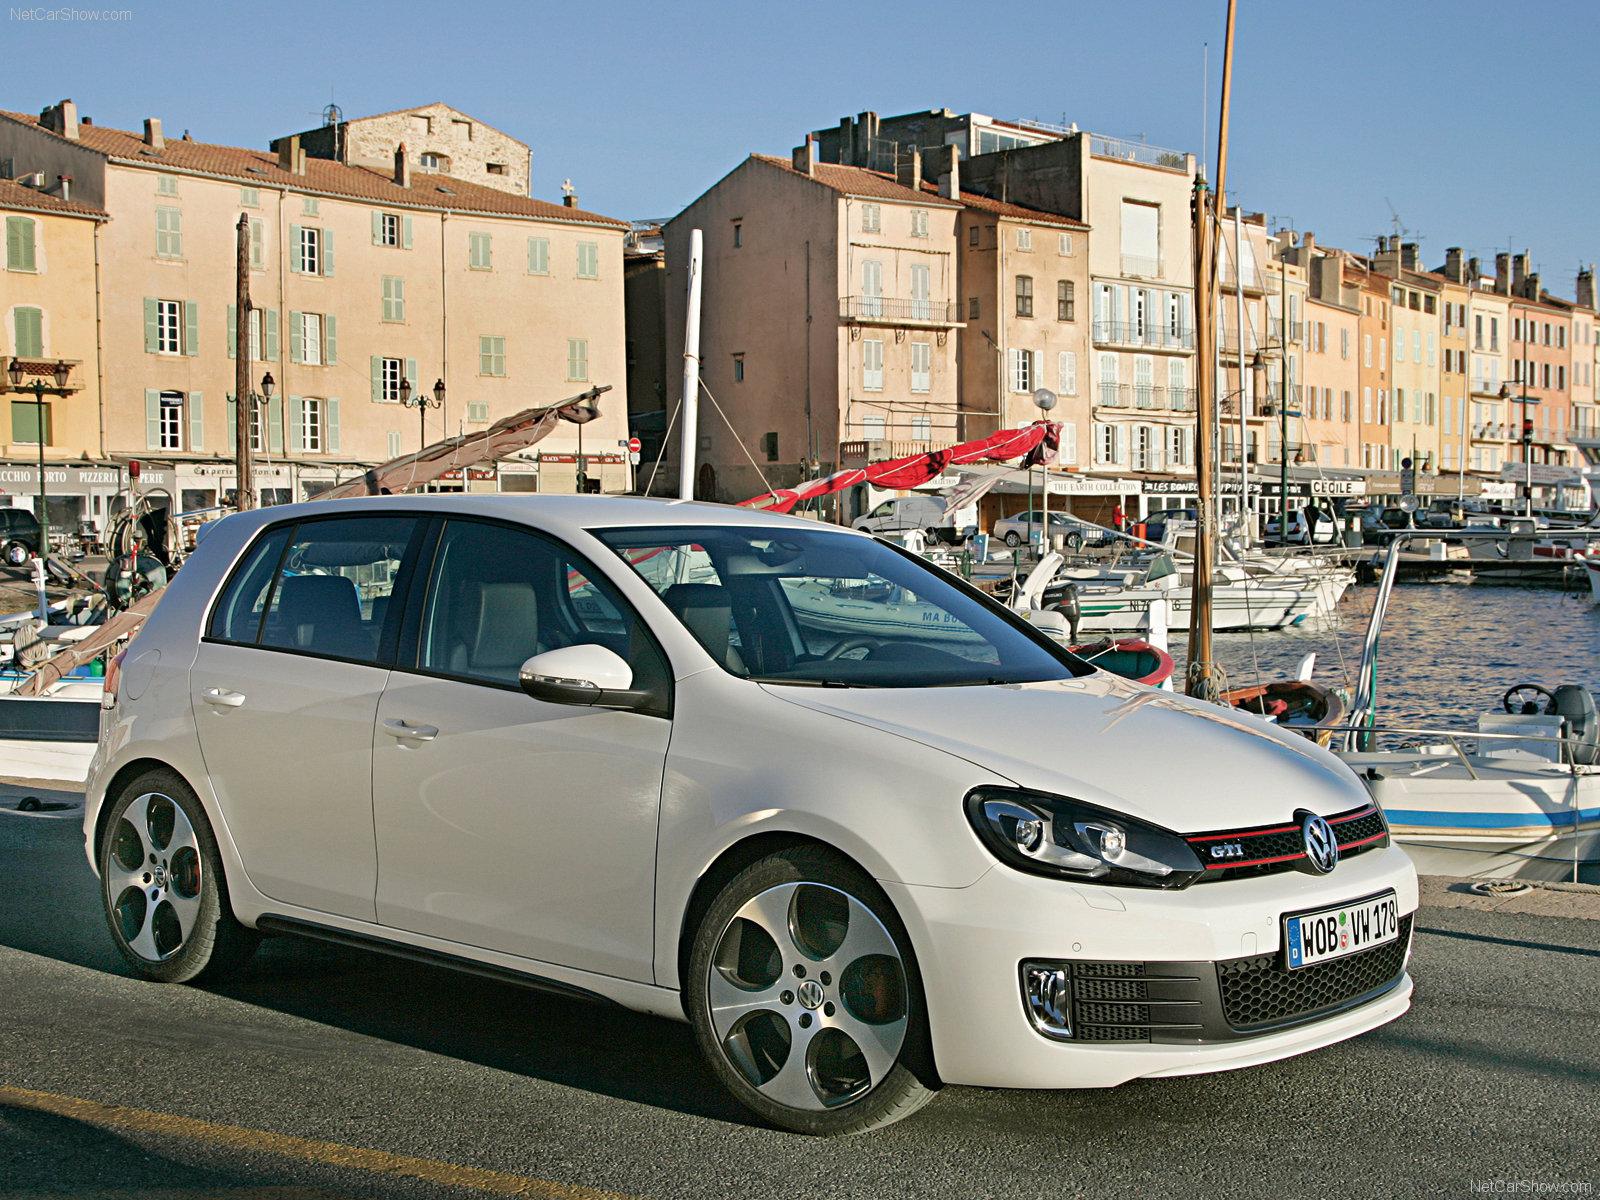 http://3.bp.blogspot.com/_3i01CuTpi4M/TKL_FcvtH-I/AAAAAAAACrc/6XRXdi7Tylo/s1600/Volkswagen-Golf_GTI_2010_1600x1200_wallpaper_06.jpg